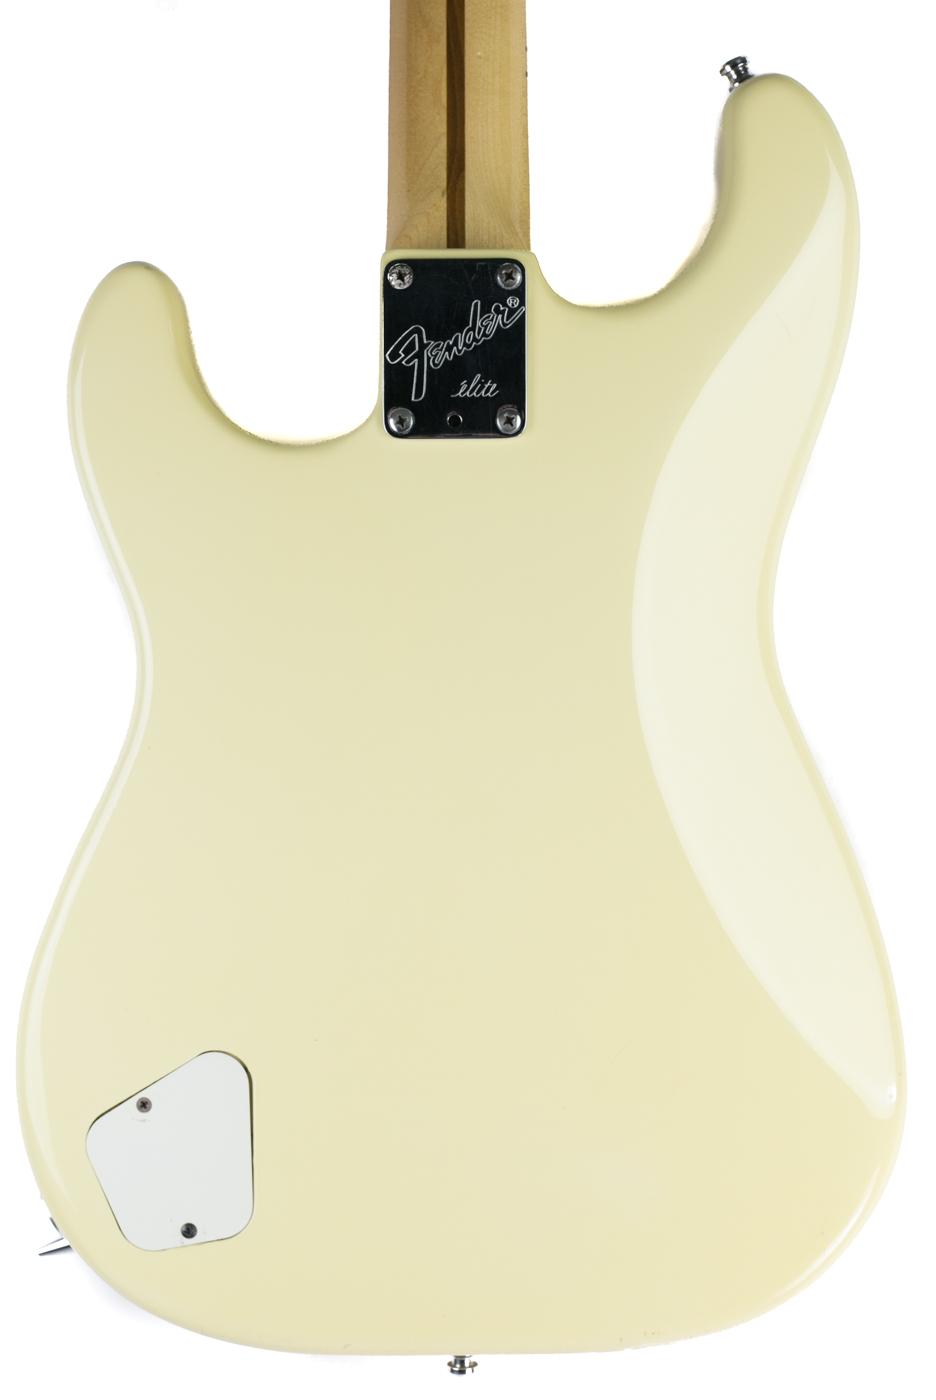 1983 Fender Elite Stratocaster White detail 2